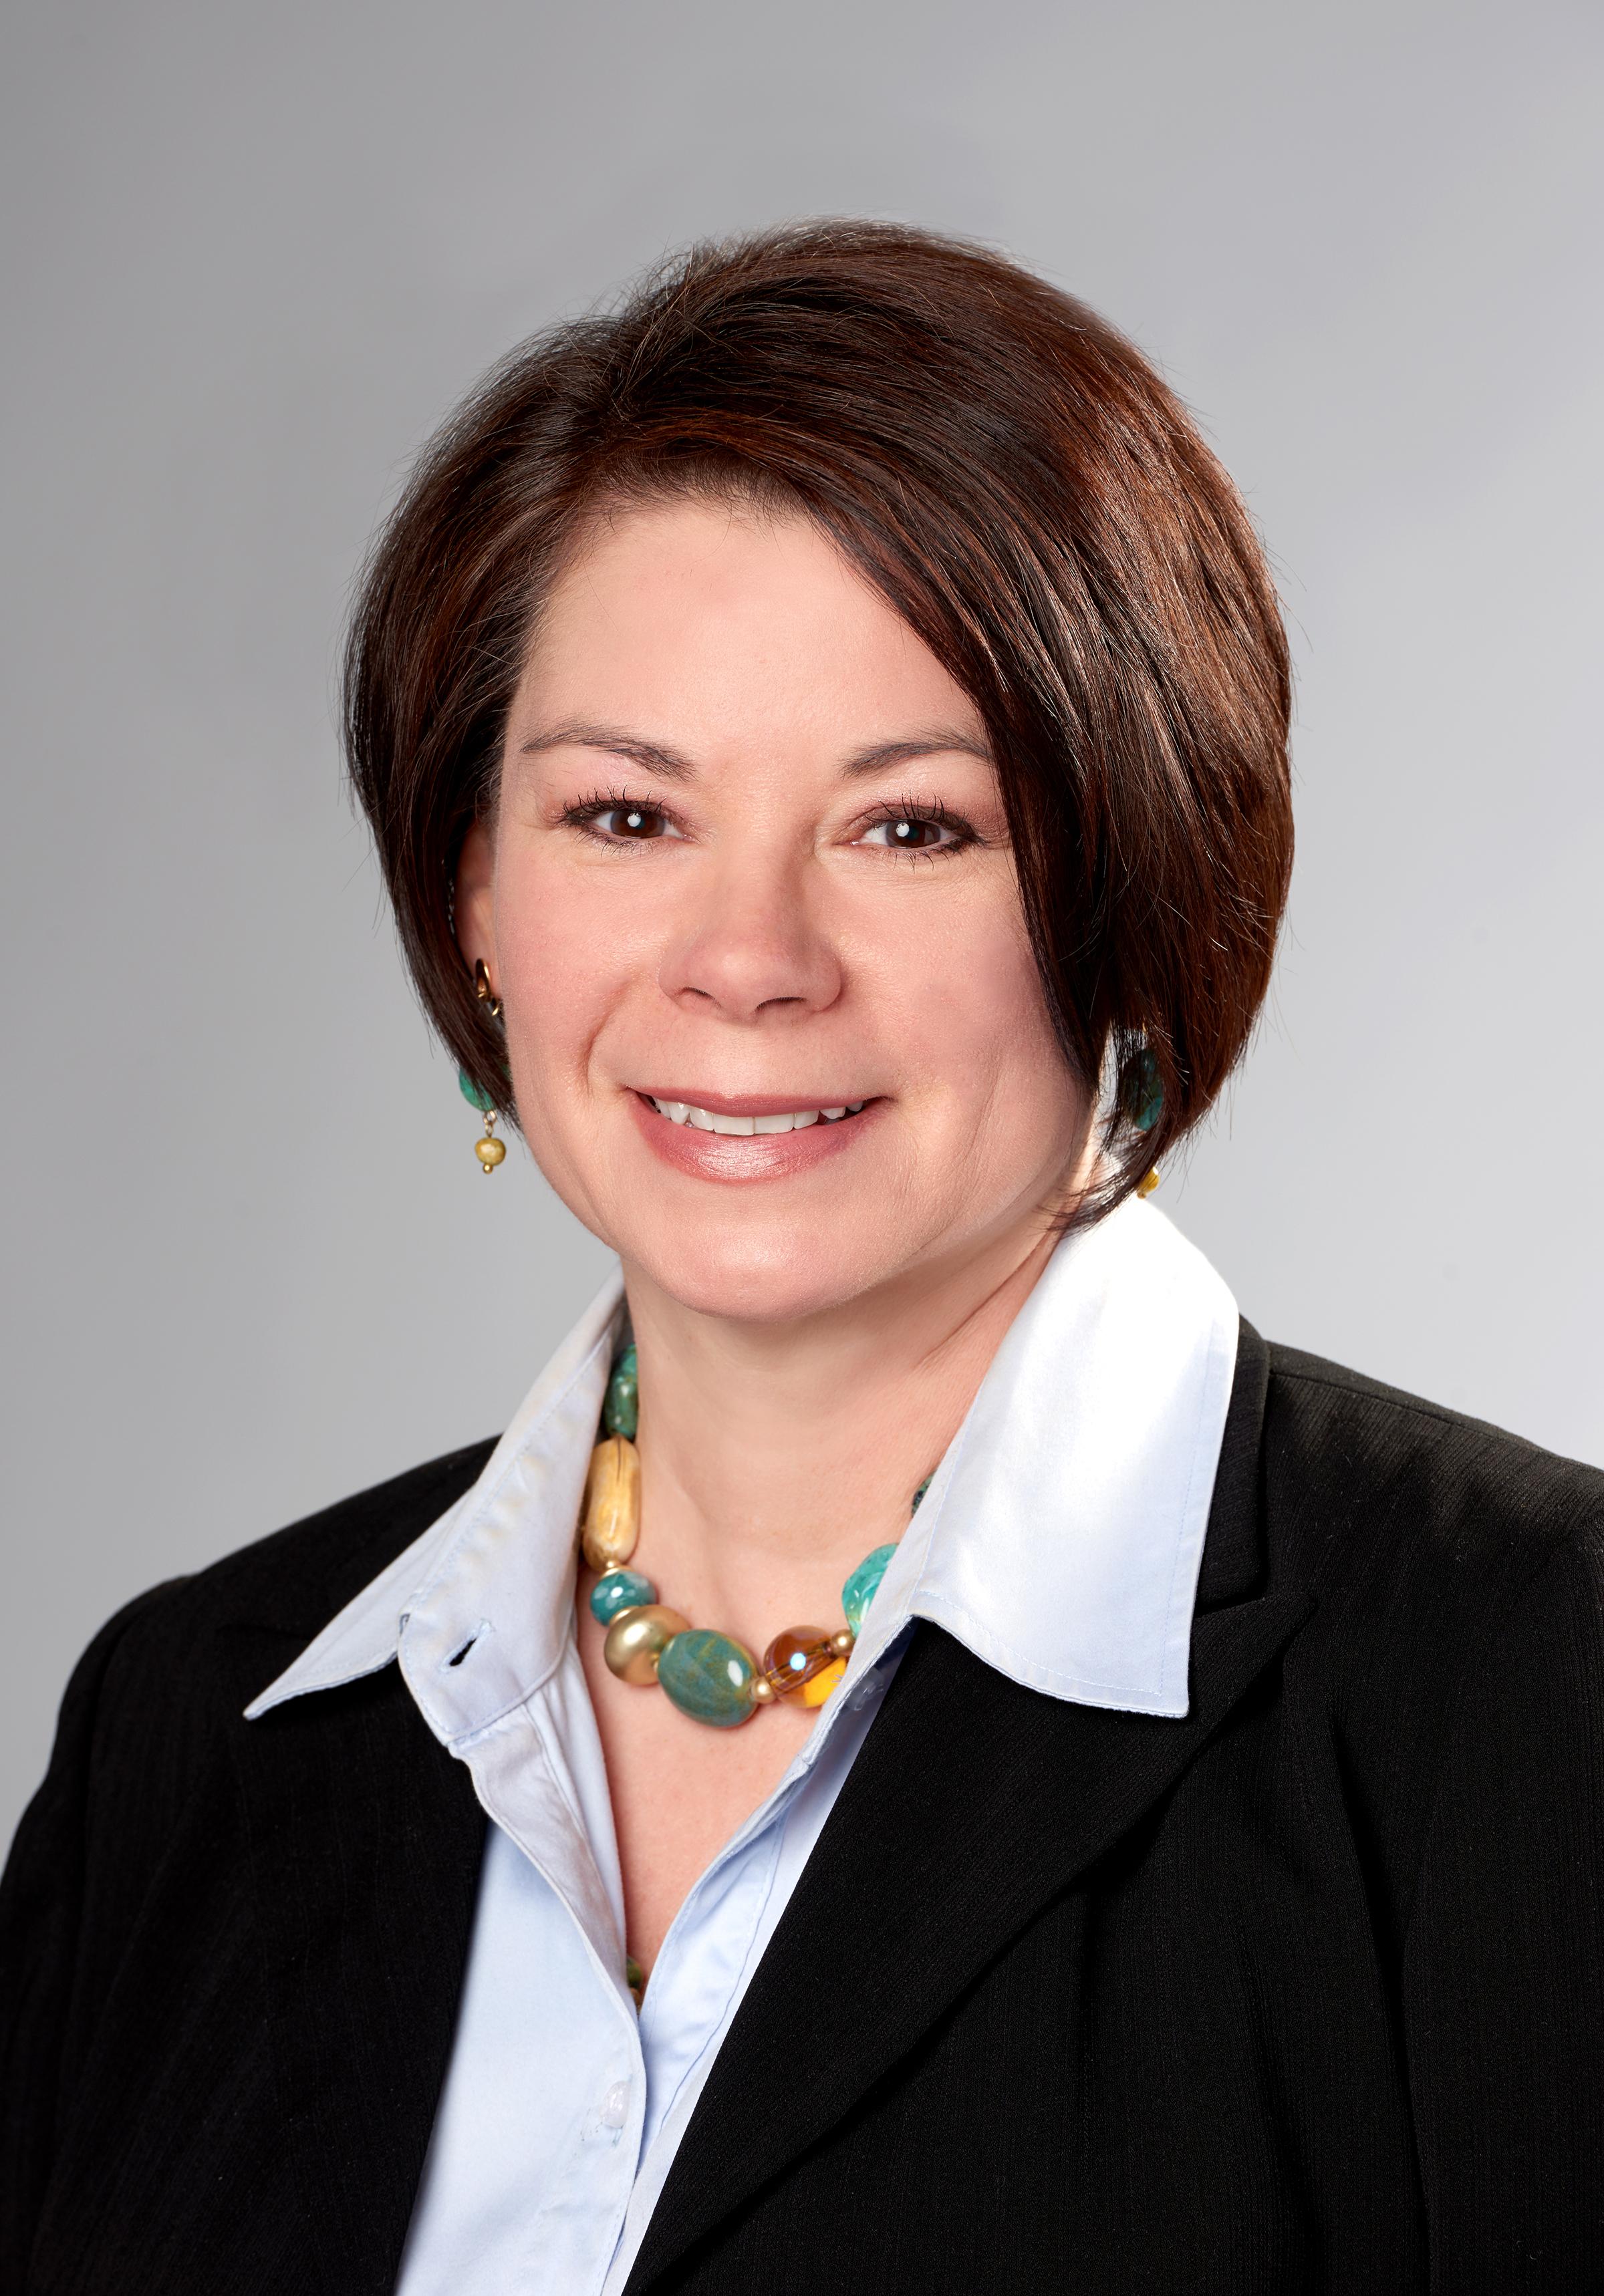 Tamara Zupancic, Marketing Manager